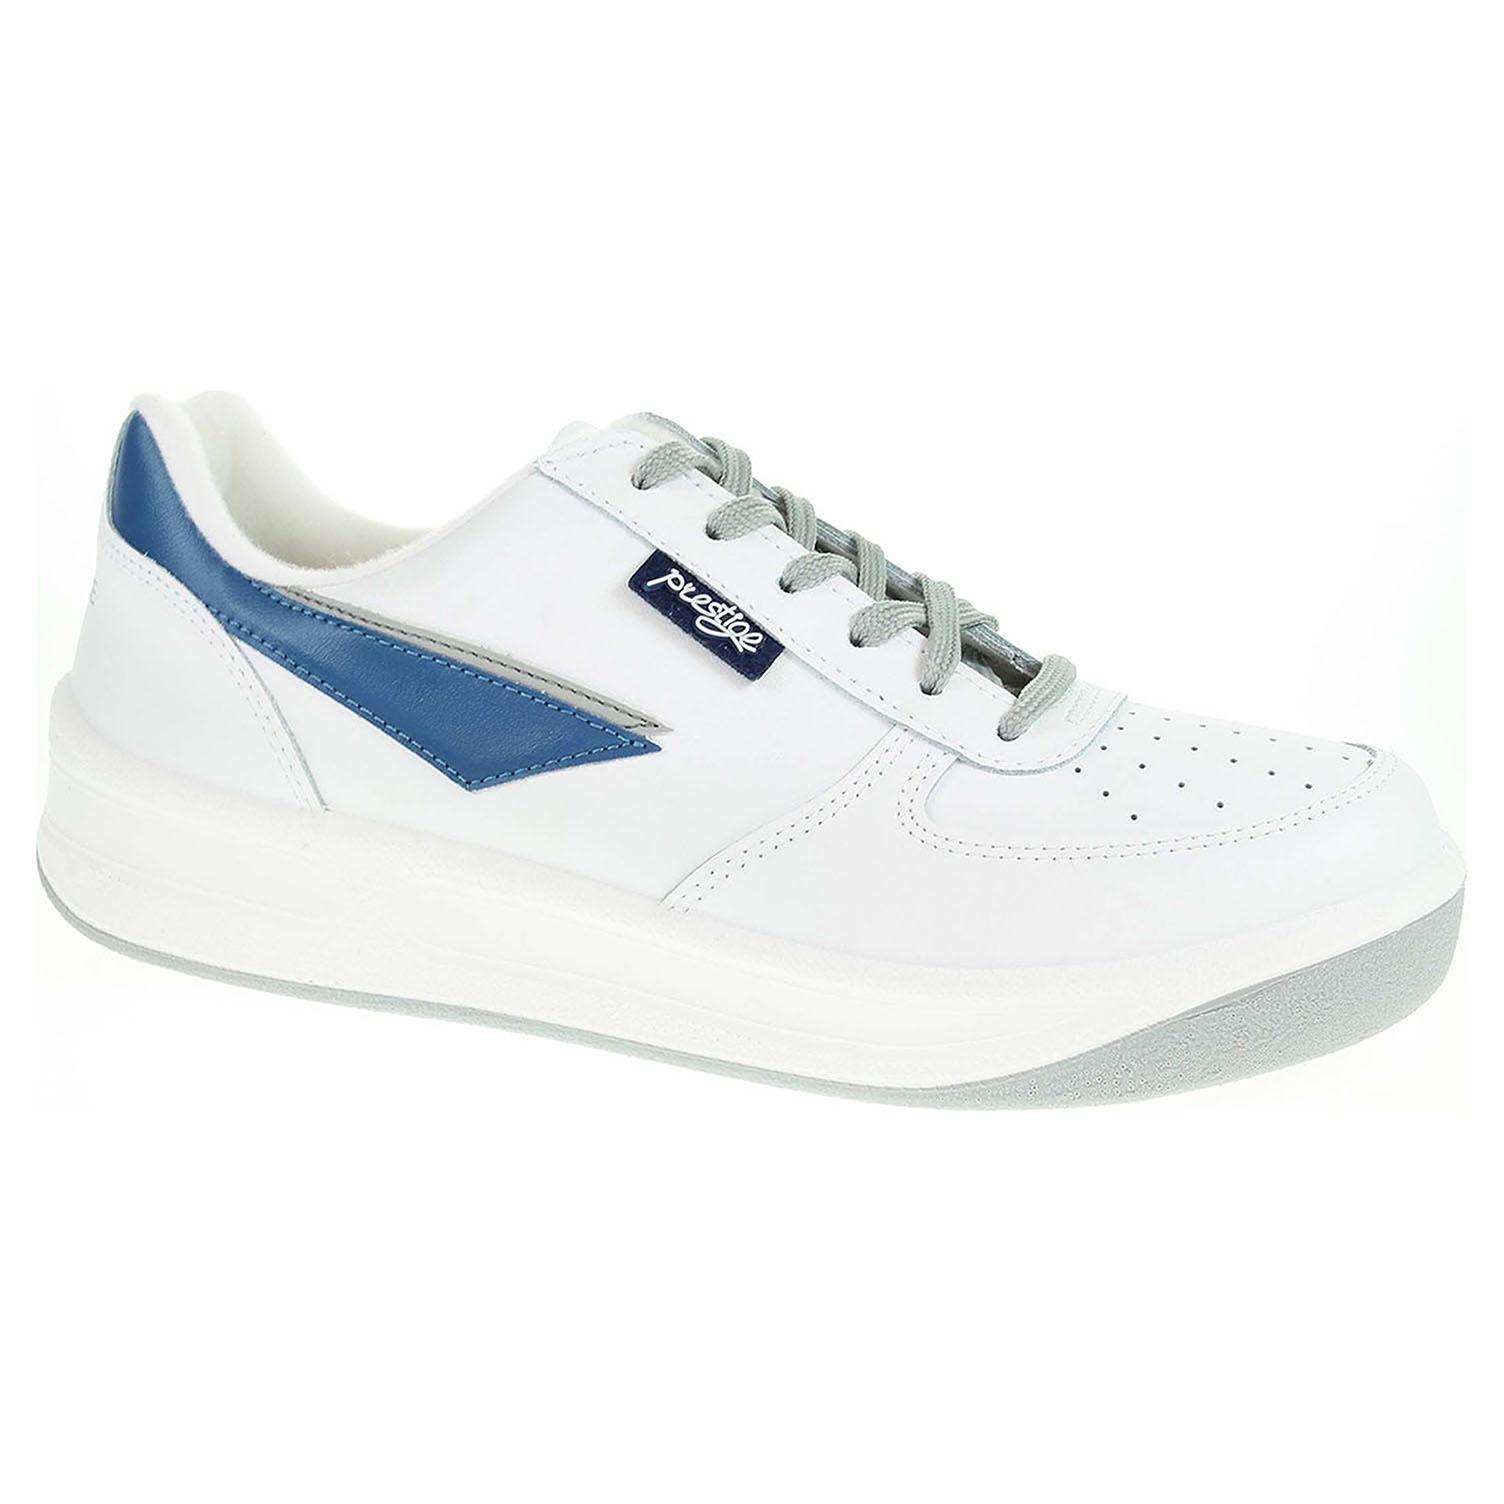 Pánská obuv Prestige 86808-10 bílá 86808-10 bílá 41